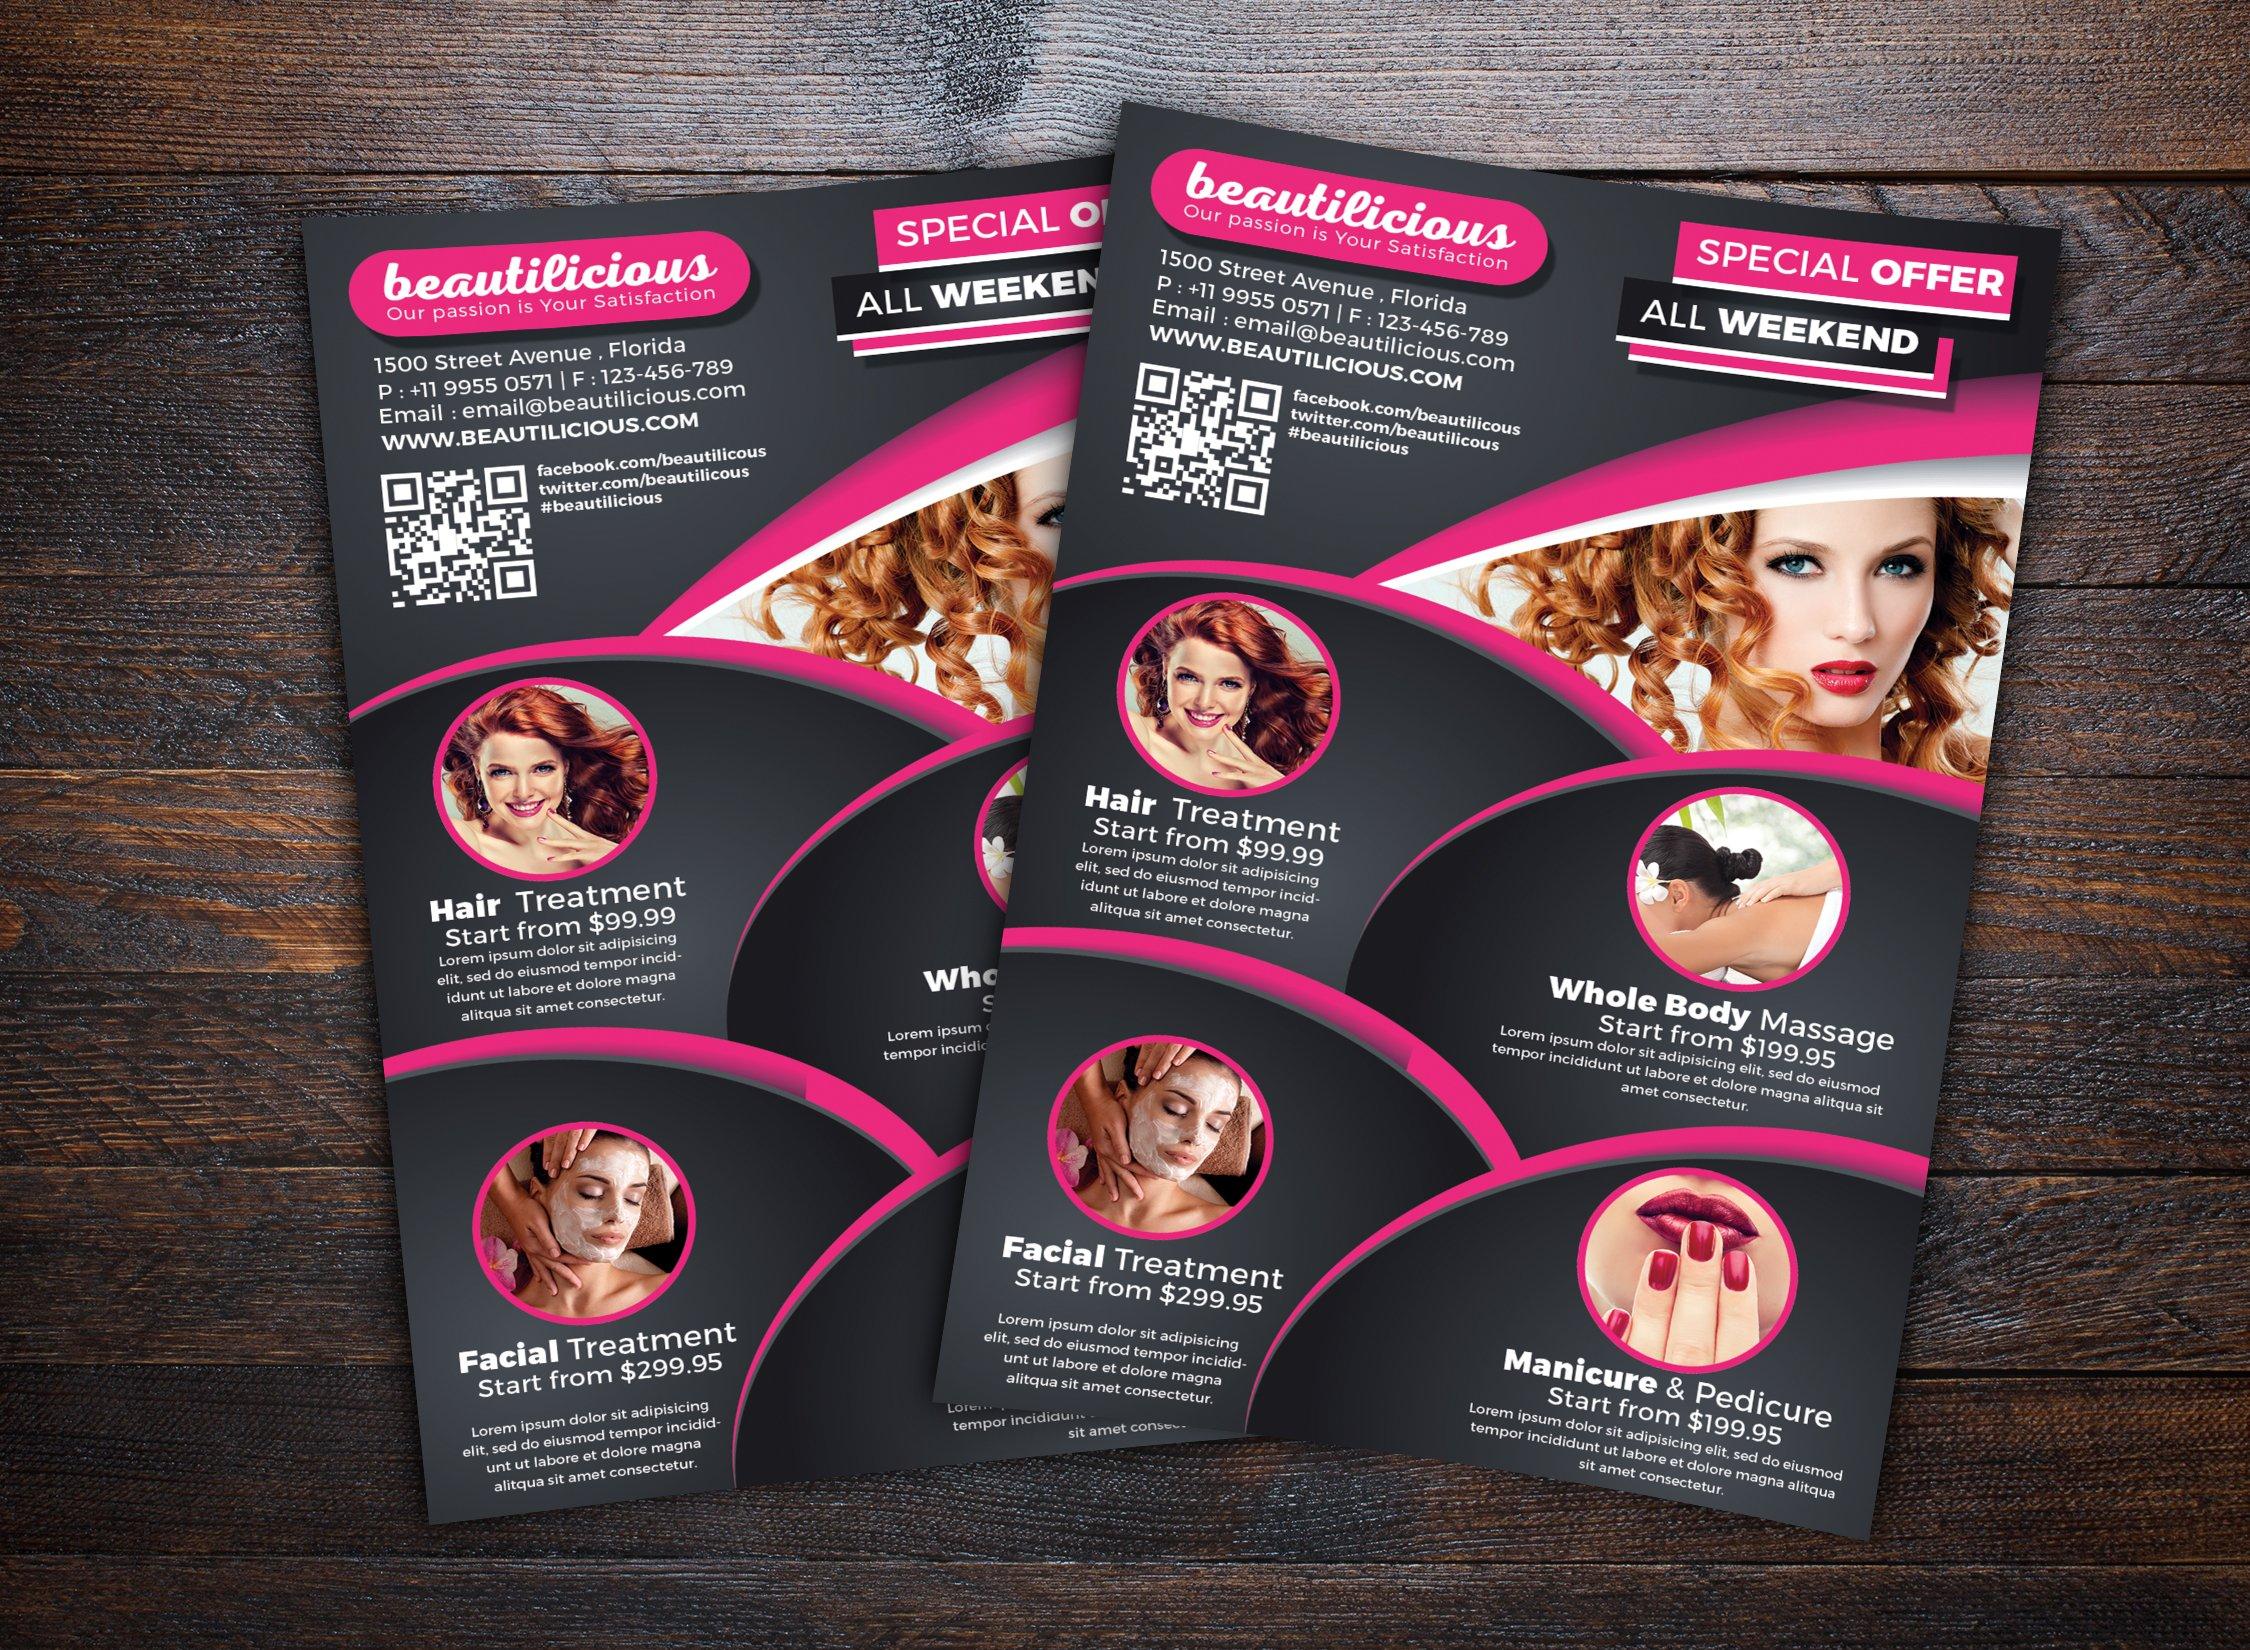 Beauty Salon Flyer ~ Flyer Templates ~ Creative Market